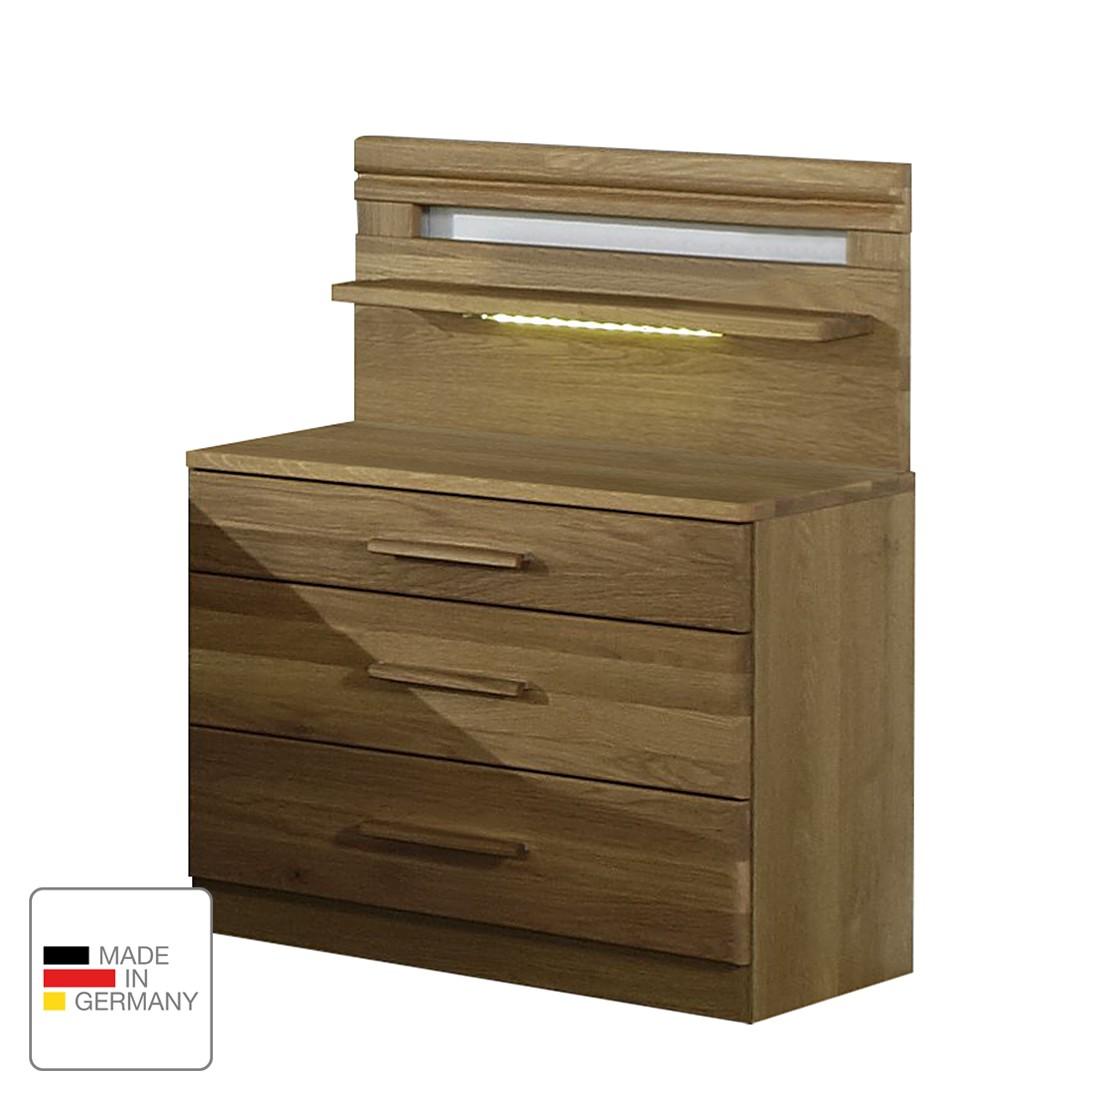 energia A+, Comodino Münster - Parzialmente in legno massello di quercia - Larghezza: 60 cm - Con pa